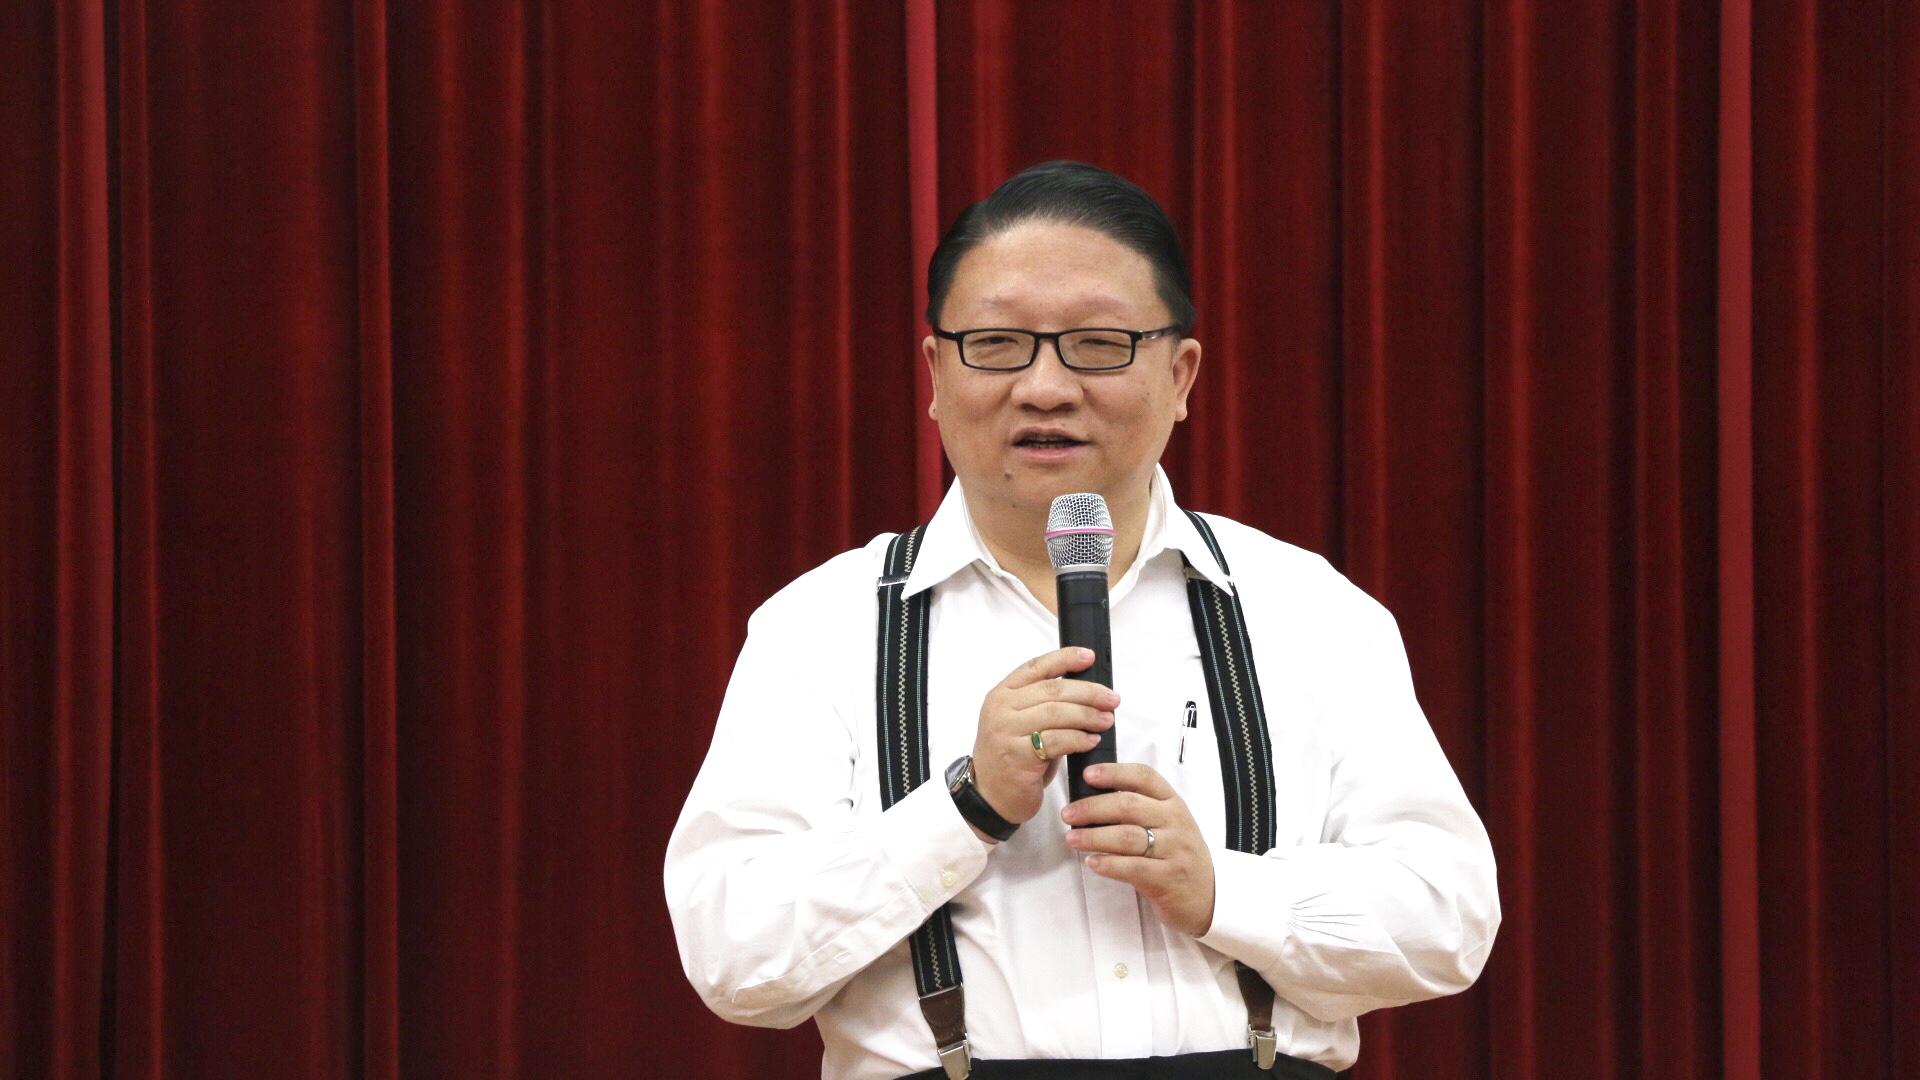 本次大赛共同主席美国鹰龙传媒有限公司总裁、中美电影节主席苏彦韬代表共同主办方预祝本次比赛圆满成功。